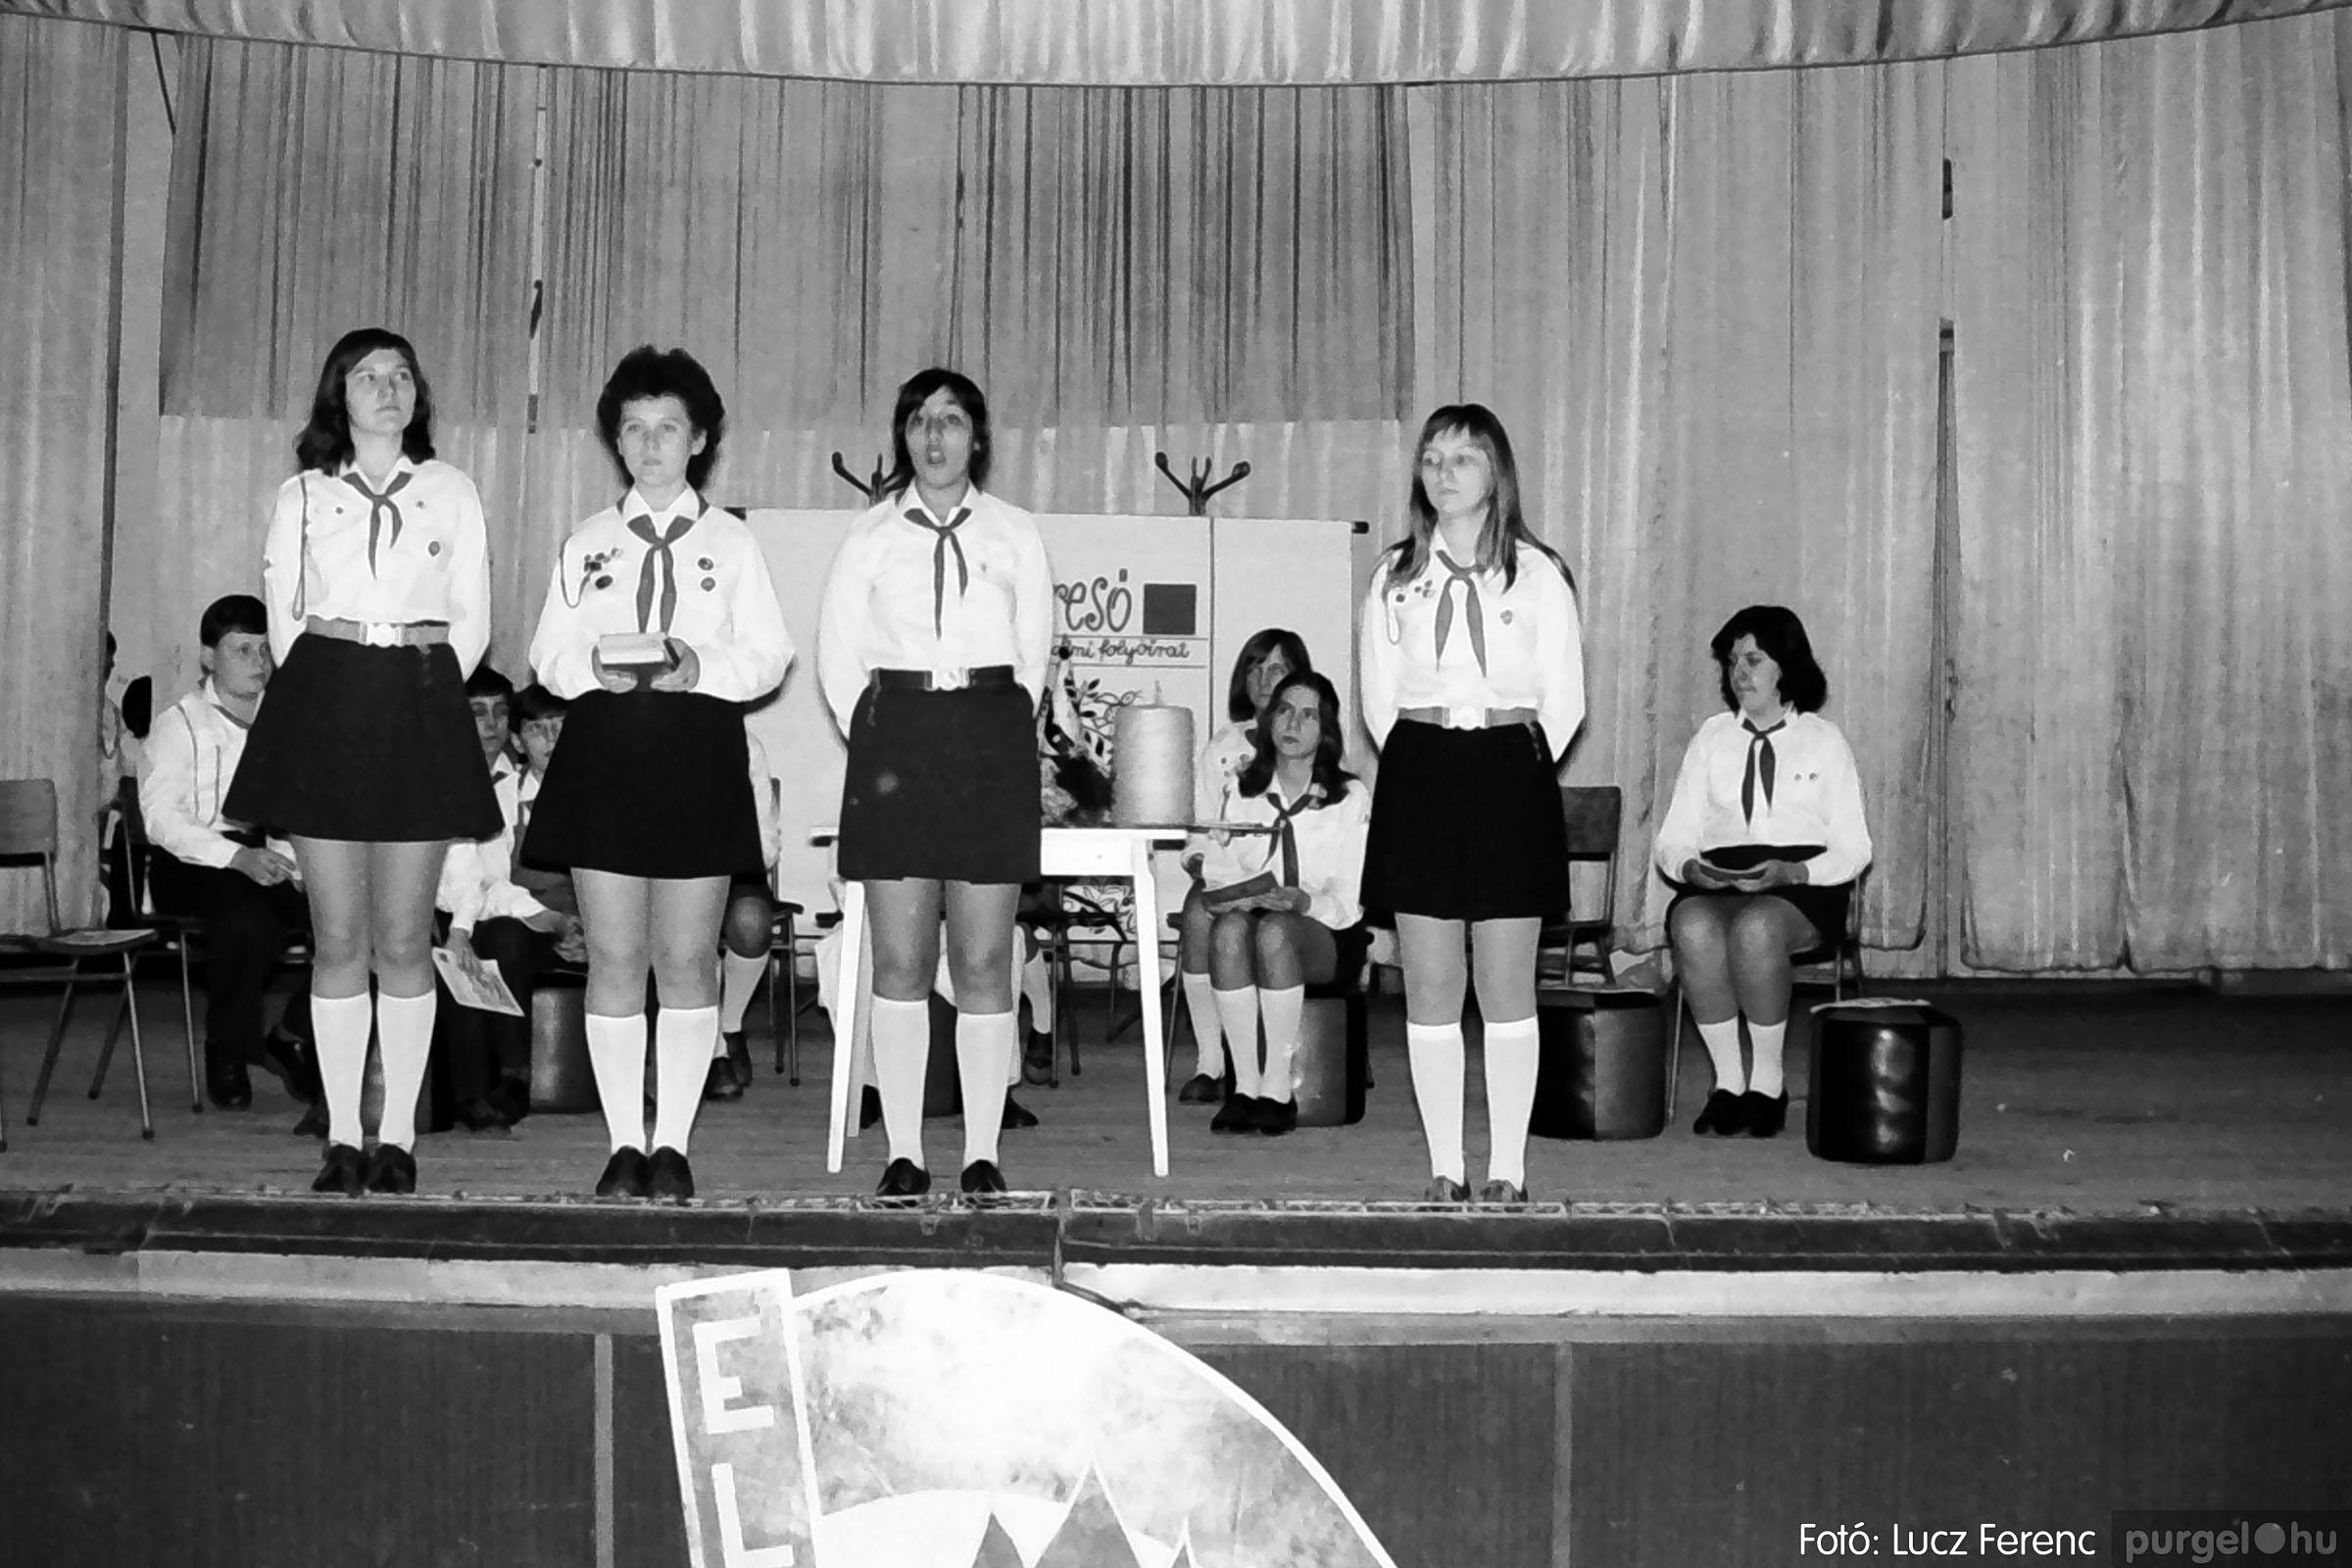 036-037. 1976. Diákprogram a kultúrházban 019 - Fotó: Lucz Ferenc.jpg